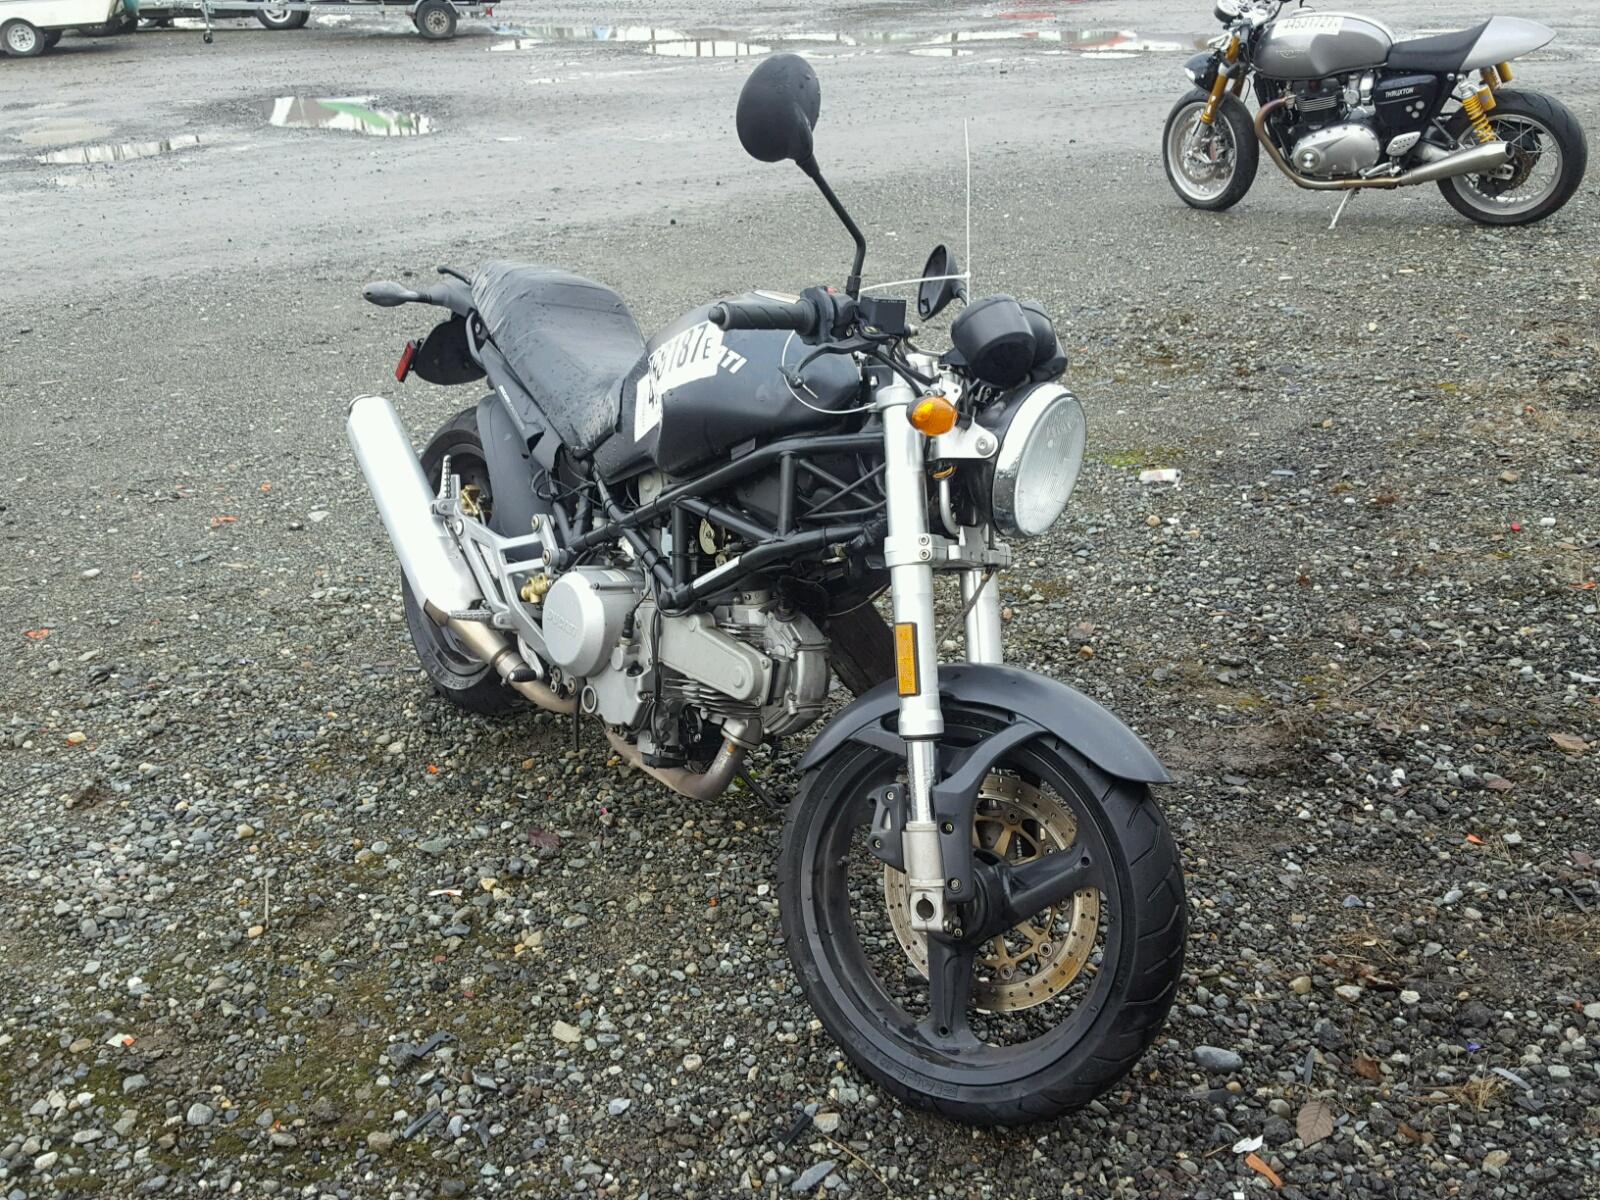 2002 DUCATI M600 2